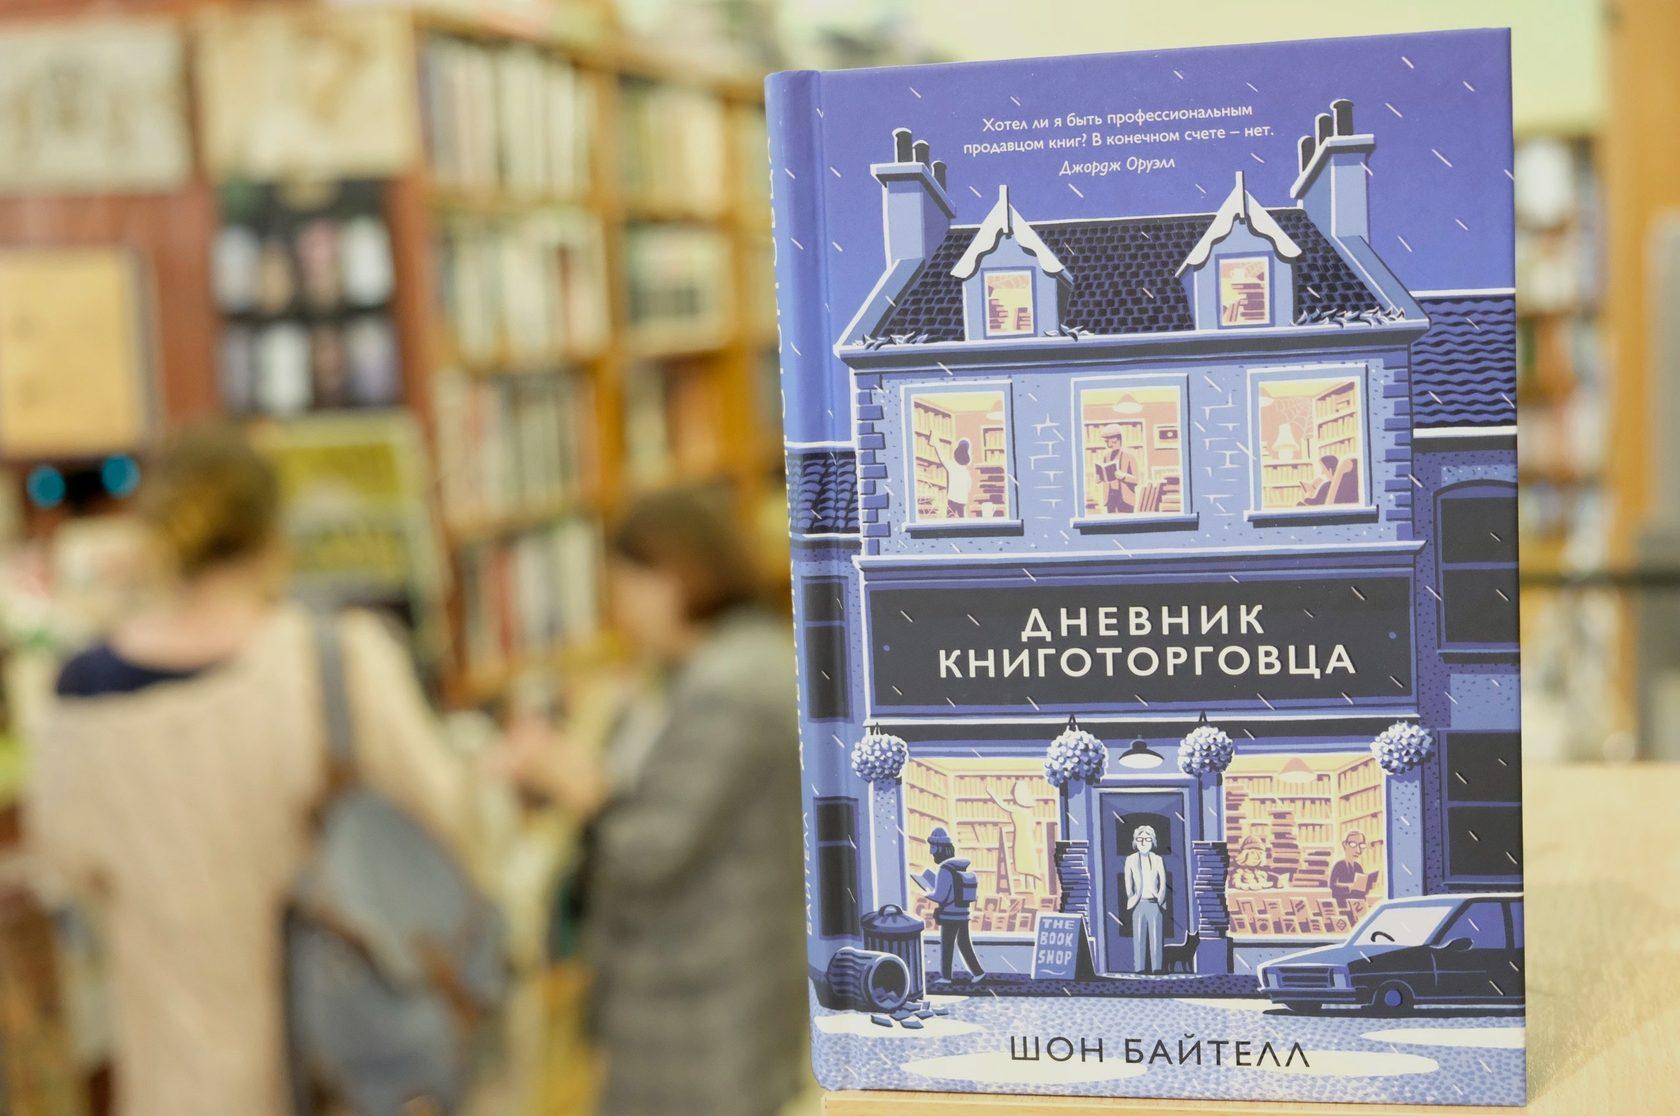 «Дневник книготорговца» Шон Байтелл